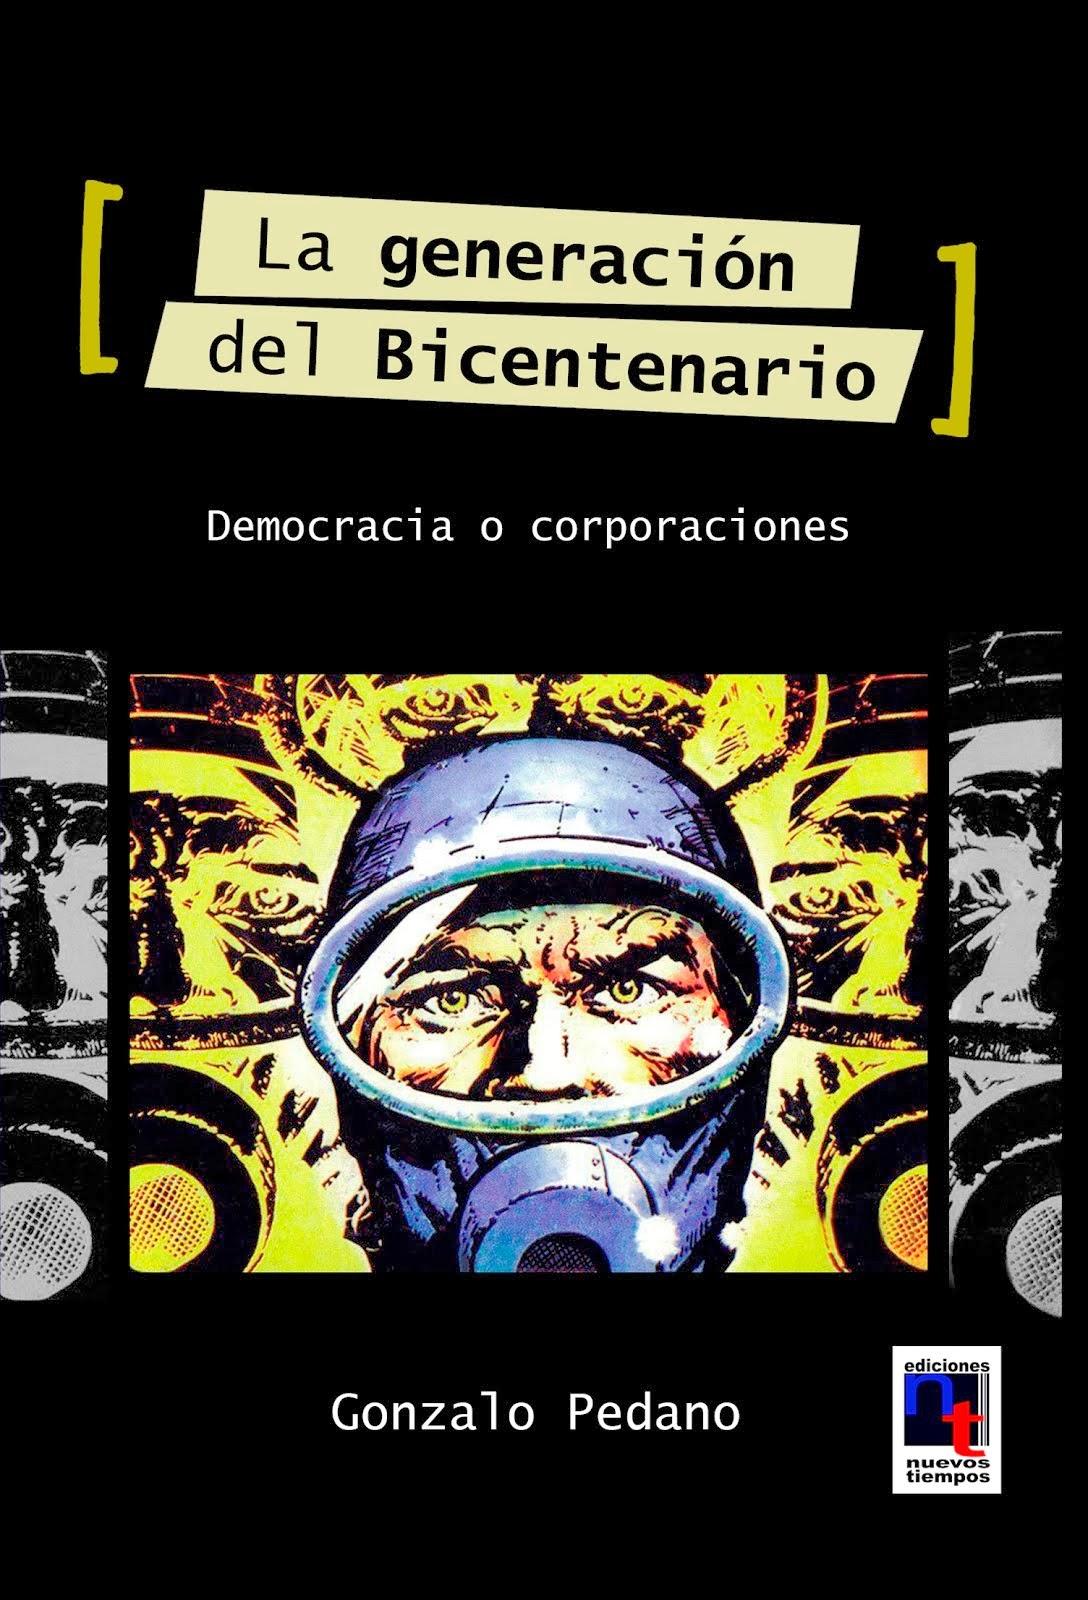 La generación del Bicentenario - Democracia o corporaciones